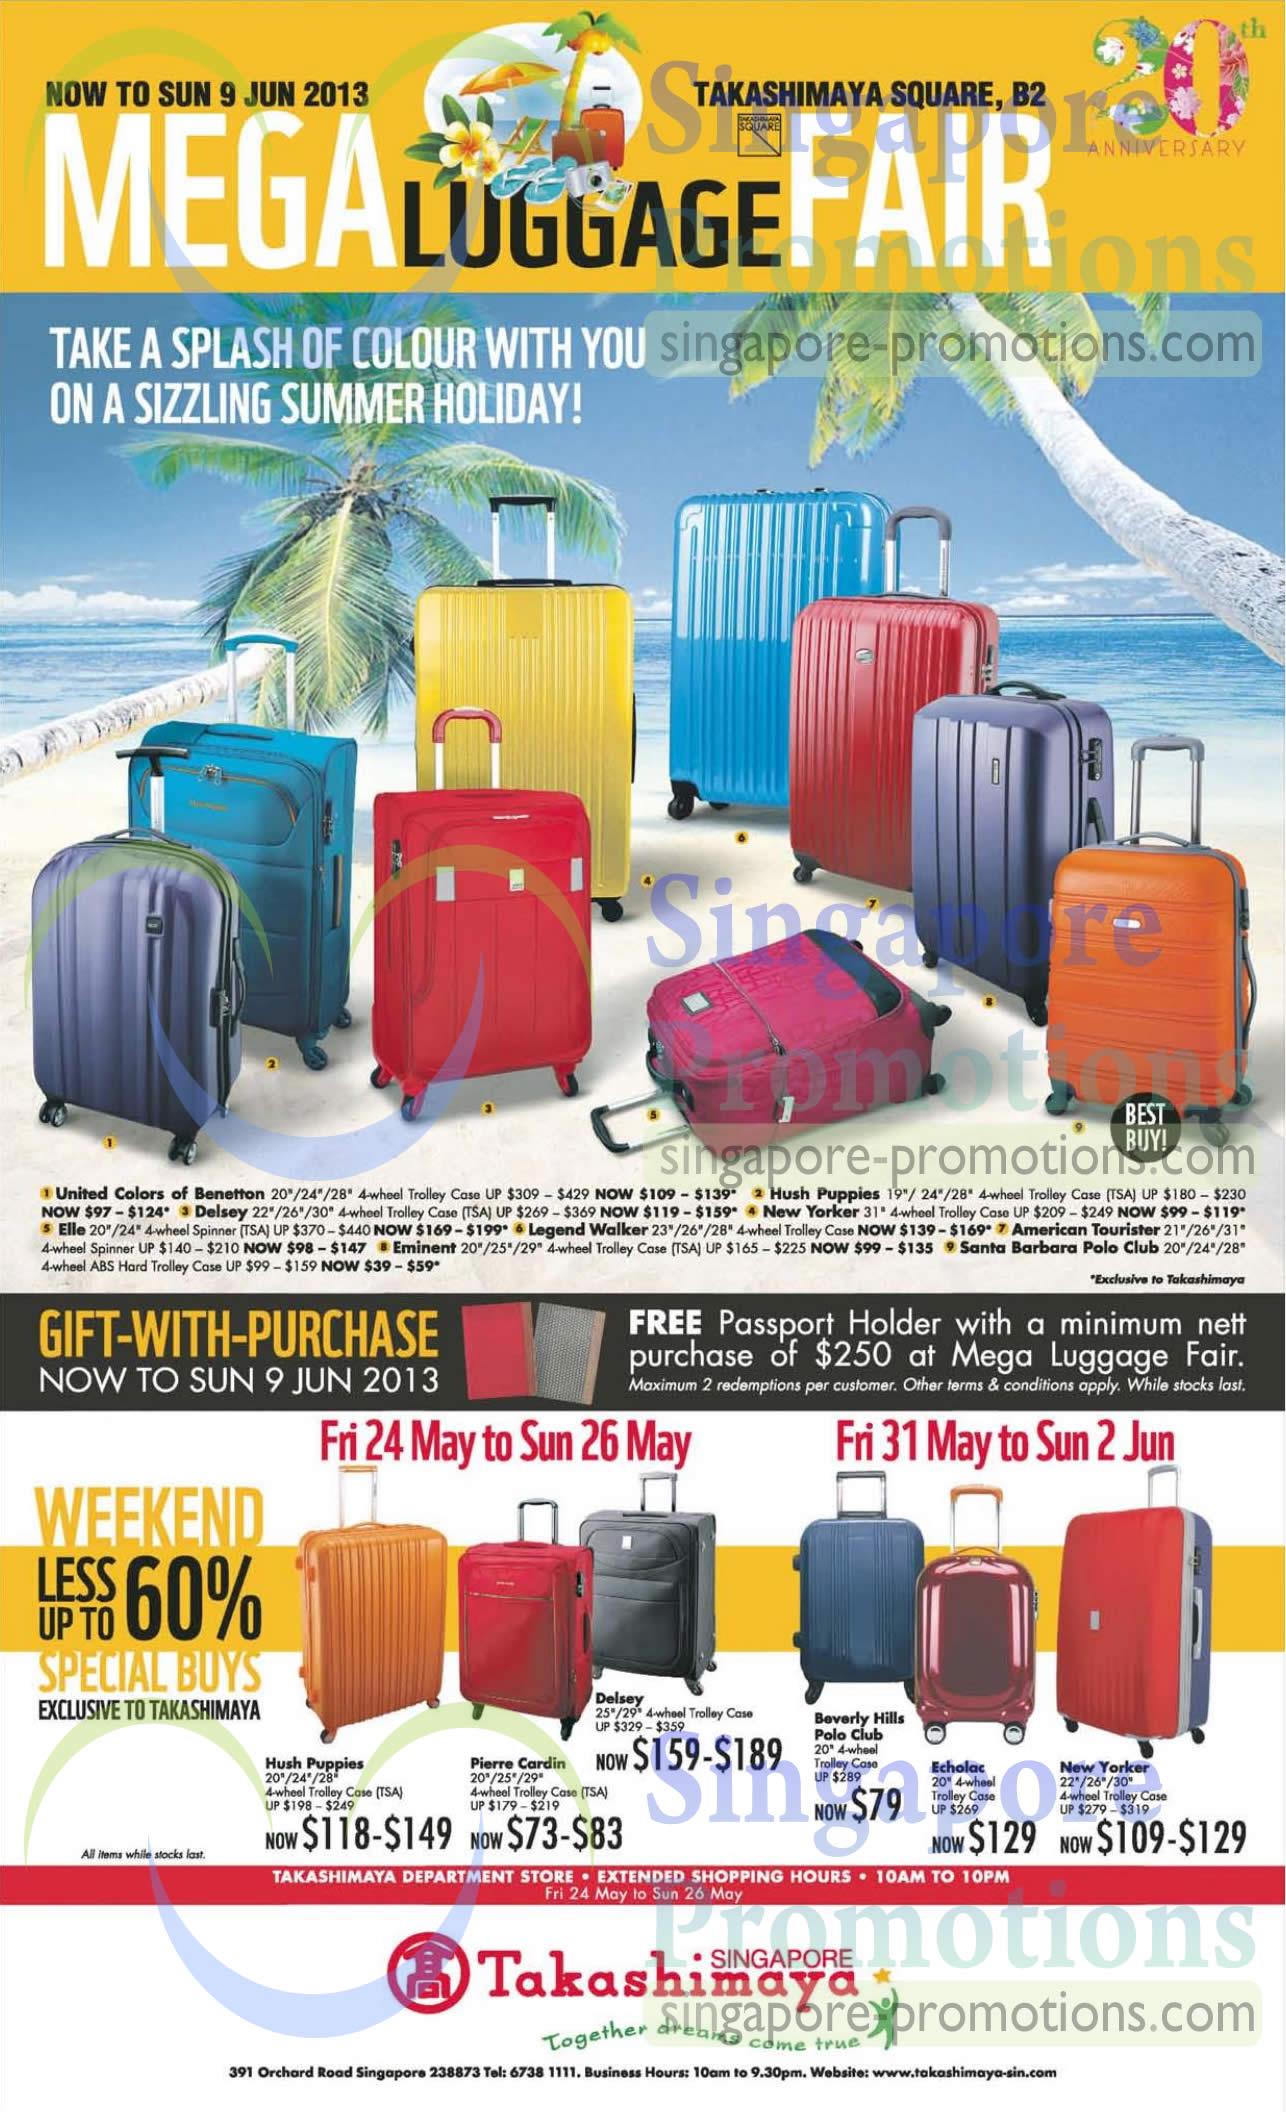 May 2013 Fashion Magazine Covers: Takashimaya 22 May 2013 » Takashimaya Mega Luggage Fair Up